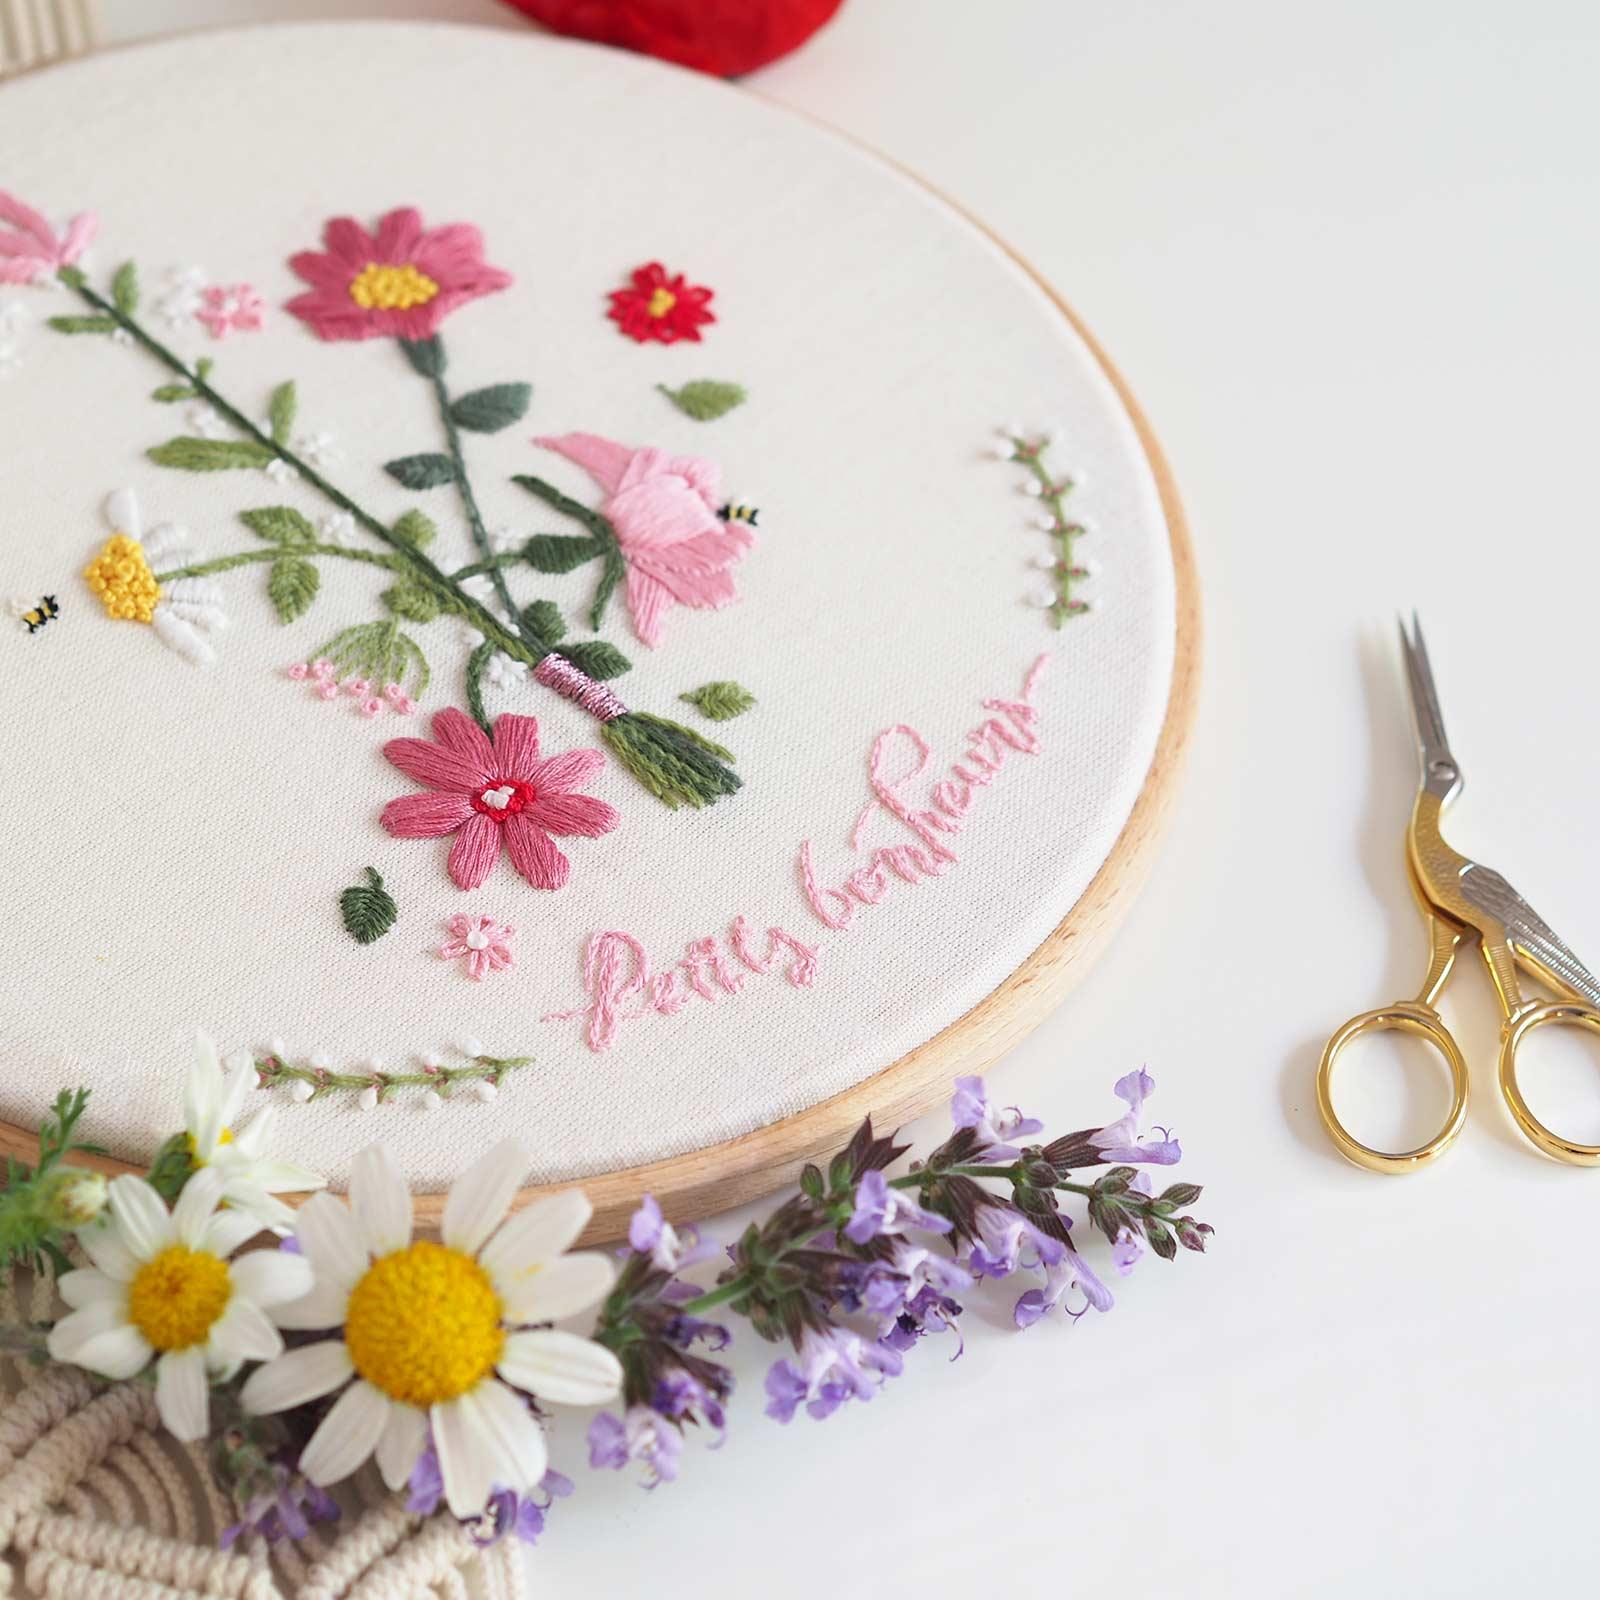 broderie-fleurs-champetre-petits-bonheurs-bergere-france-laboutiquedemelimelo